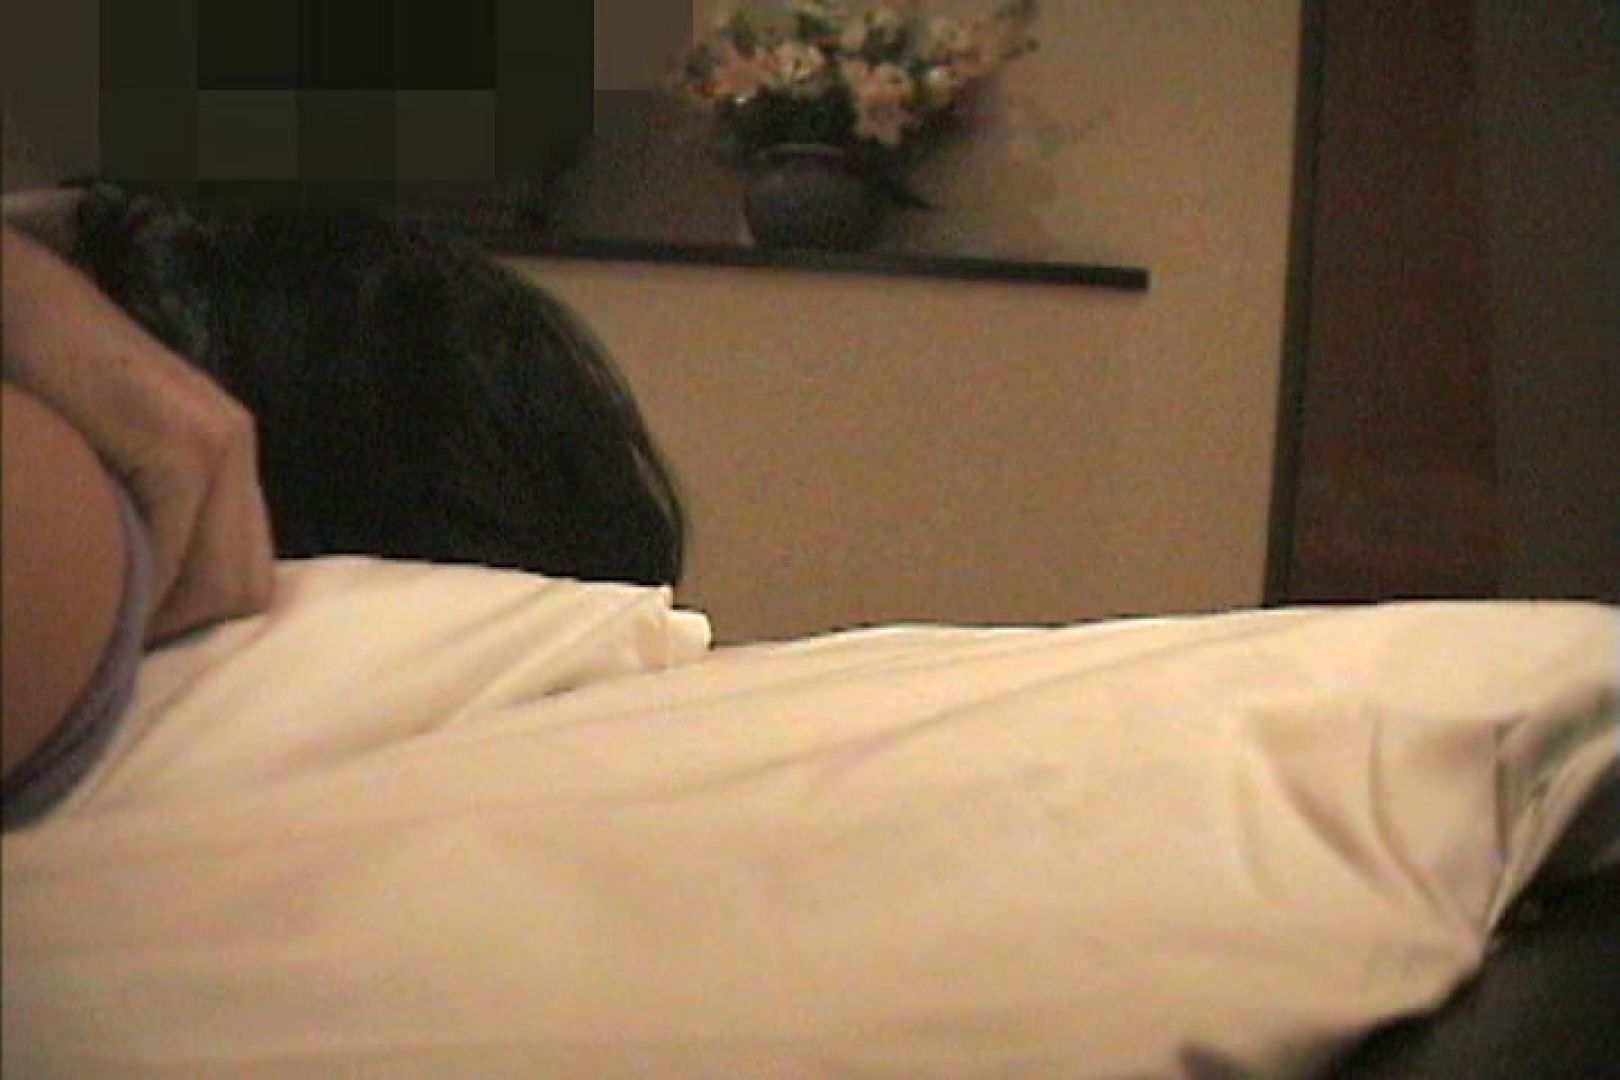 いっくんの調教! 18歳変態レズっ子えこちゃんシリーズVol.3 感じるセックス  24連発 5